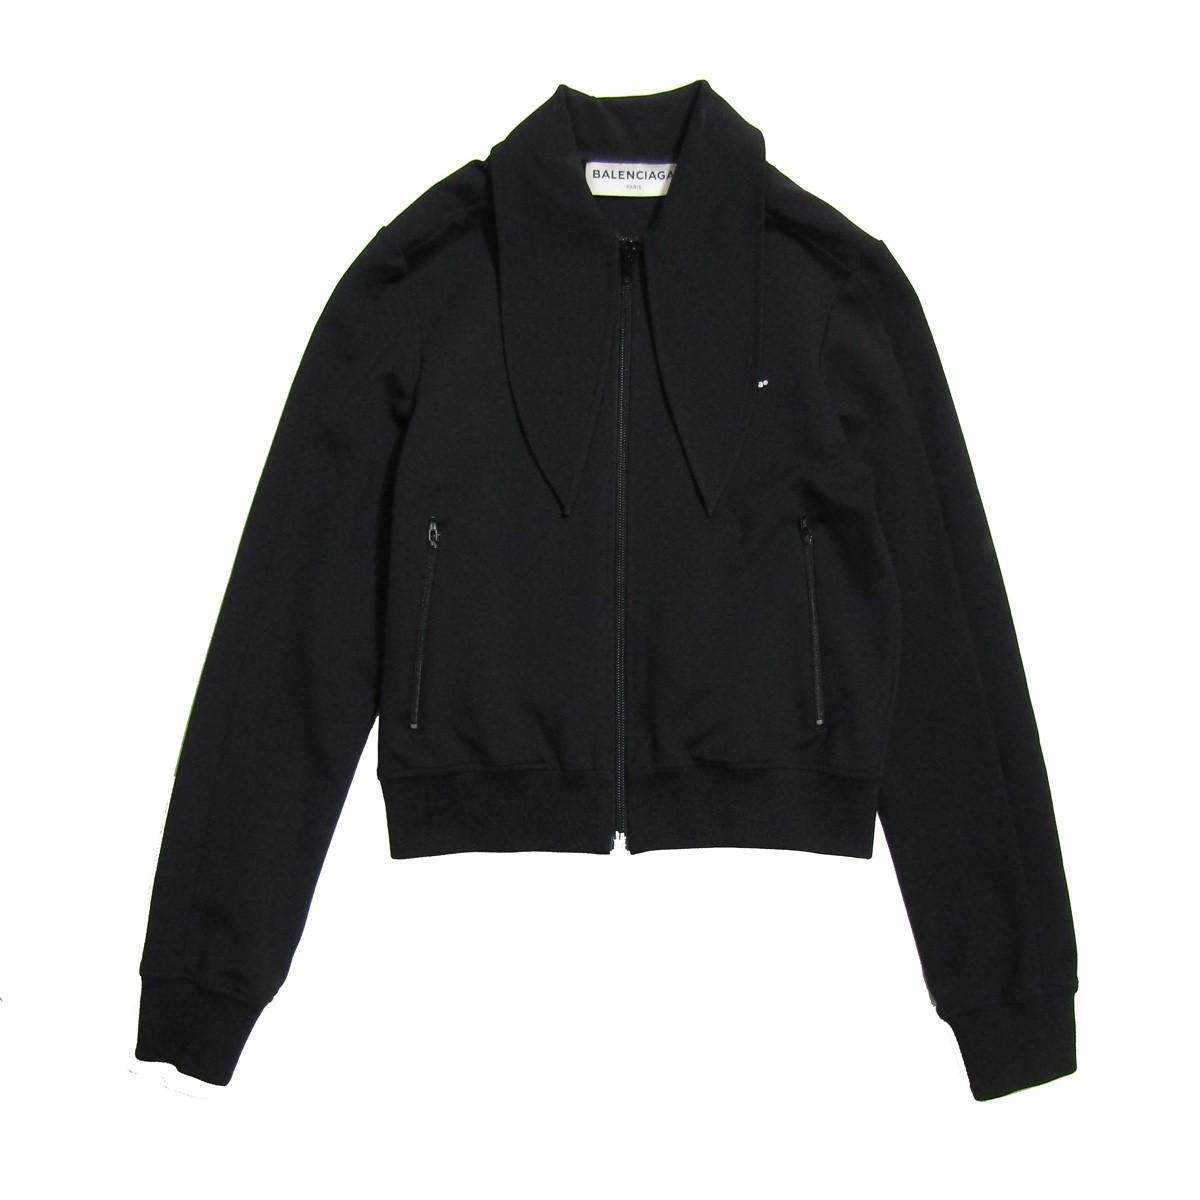 【中古】BALENCIAGA トラックジャケット ブラック サイズ:36 【160420】(バレンシアガ)